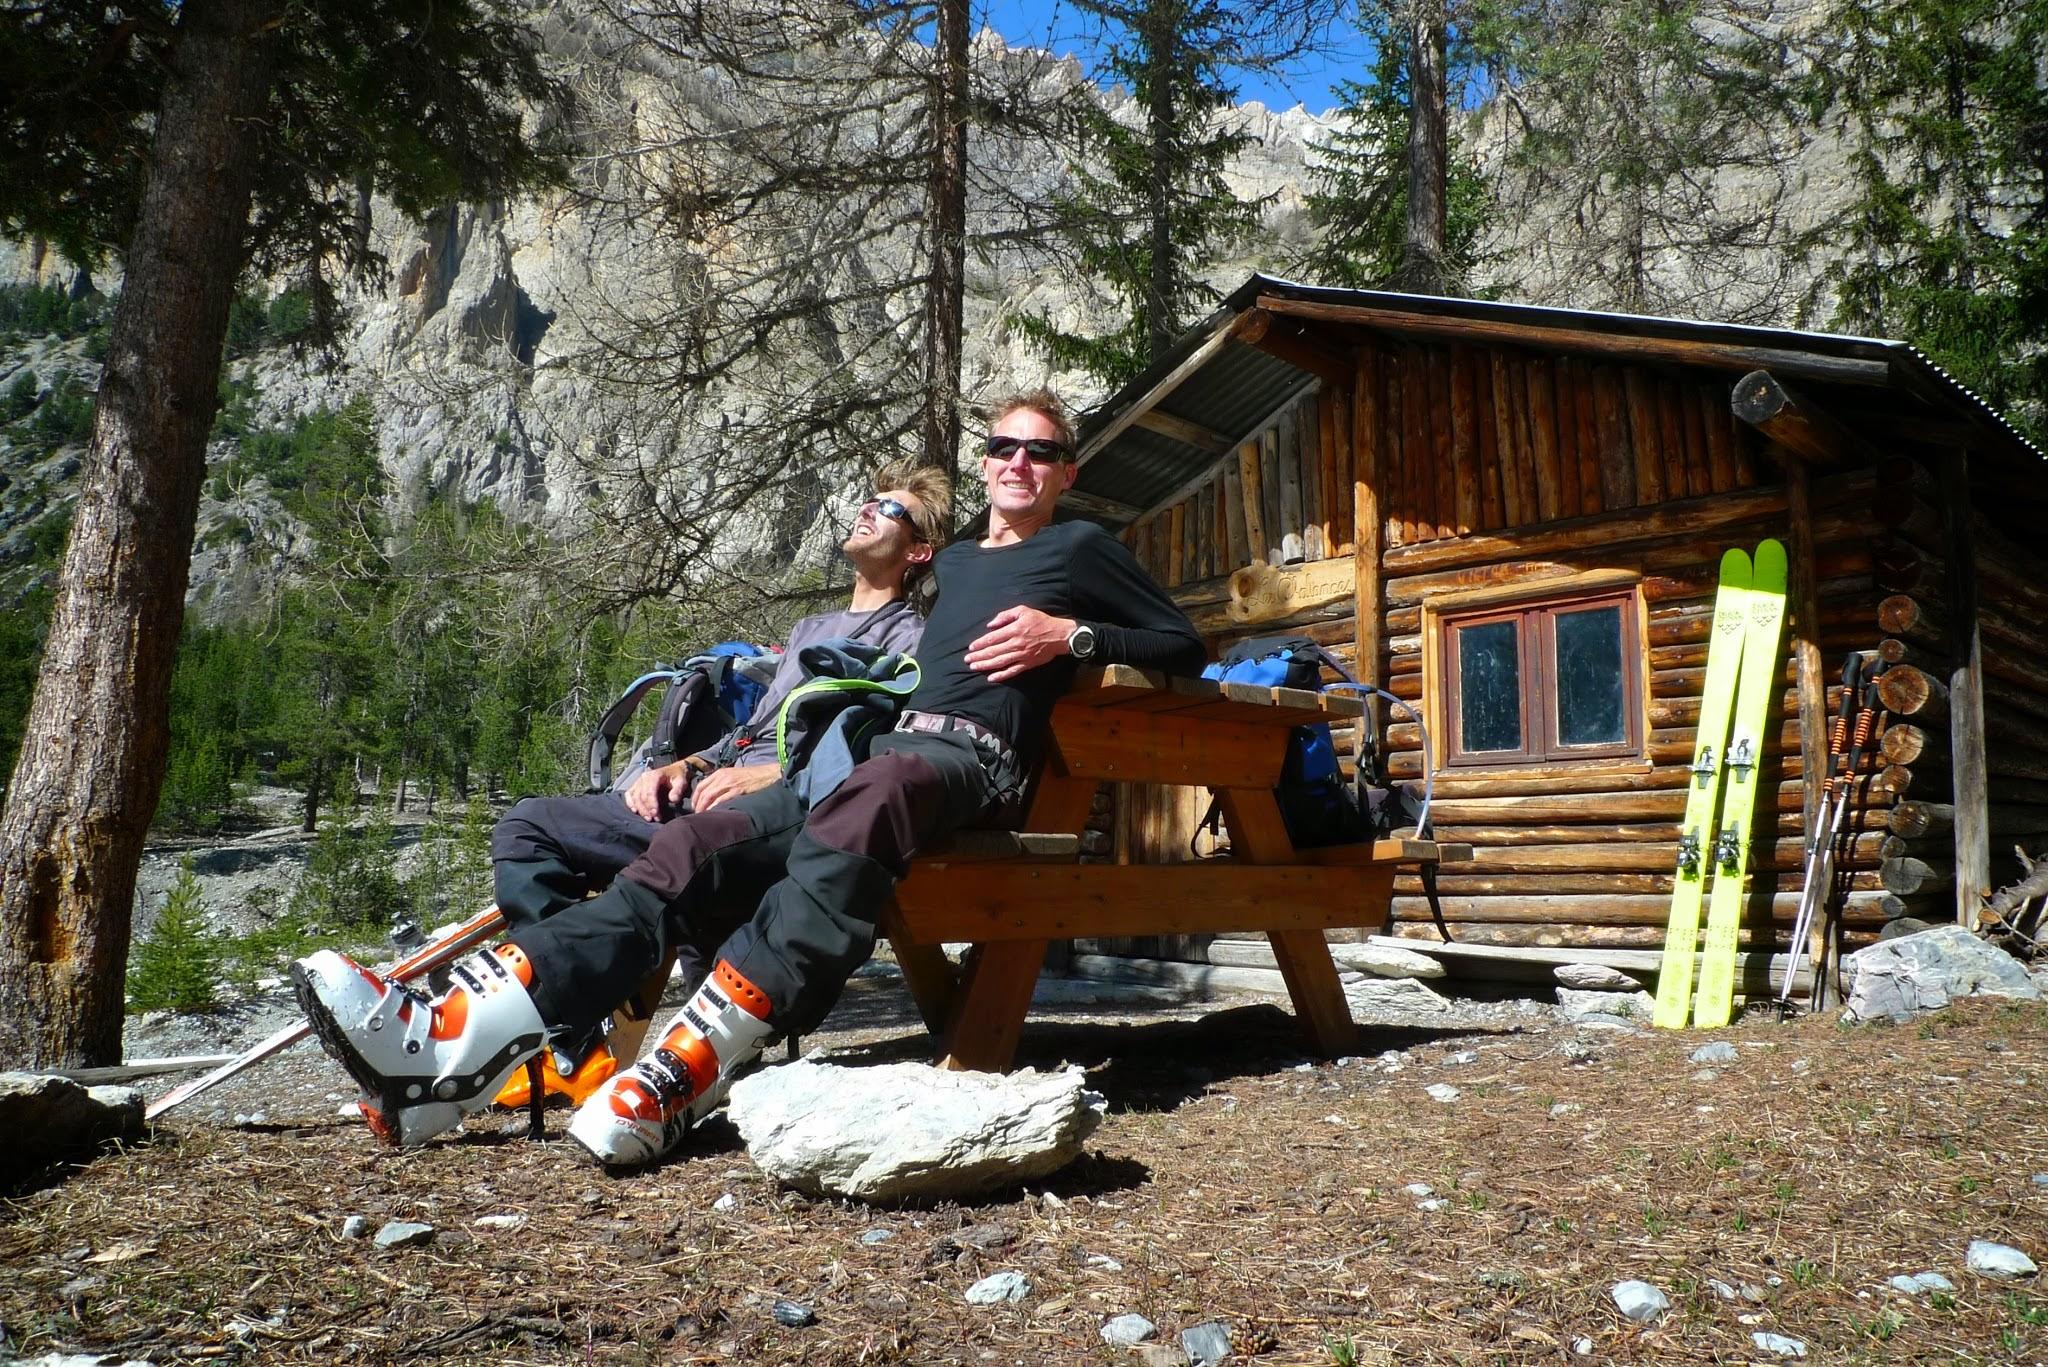 Pause à la descente devant la cabane après une belle journée de ski de randonnée.